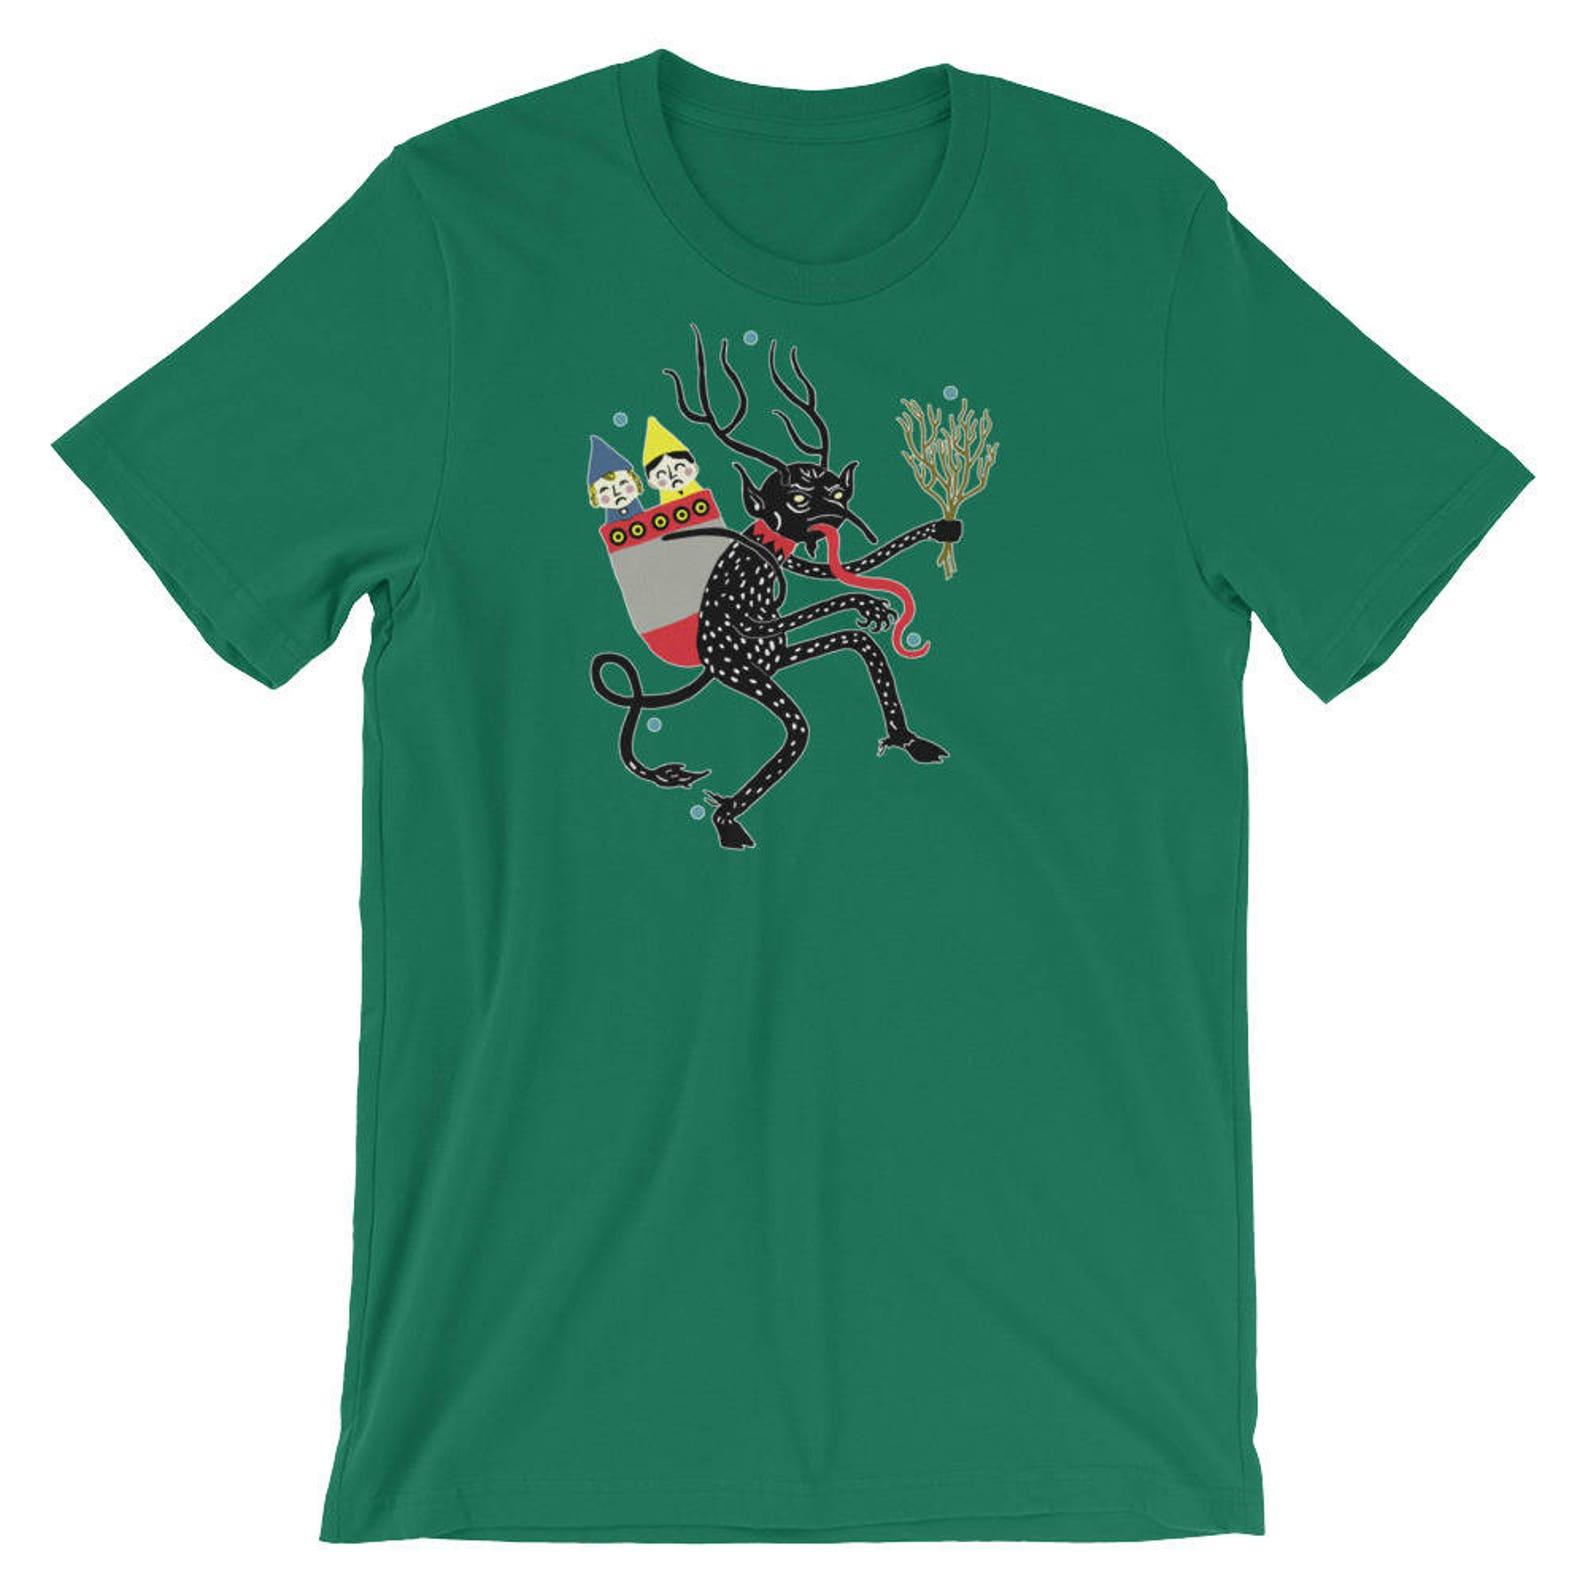 Vintage Krampus With Naughty Children Short-Sleeve Unisex T-Shirt